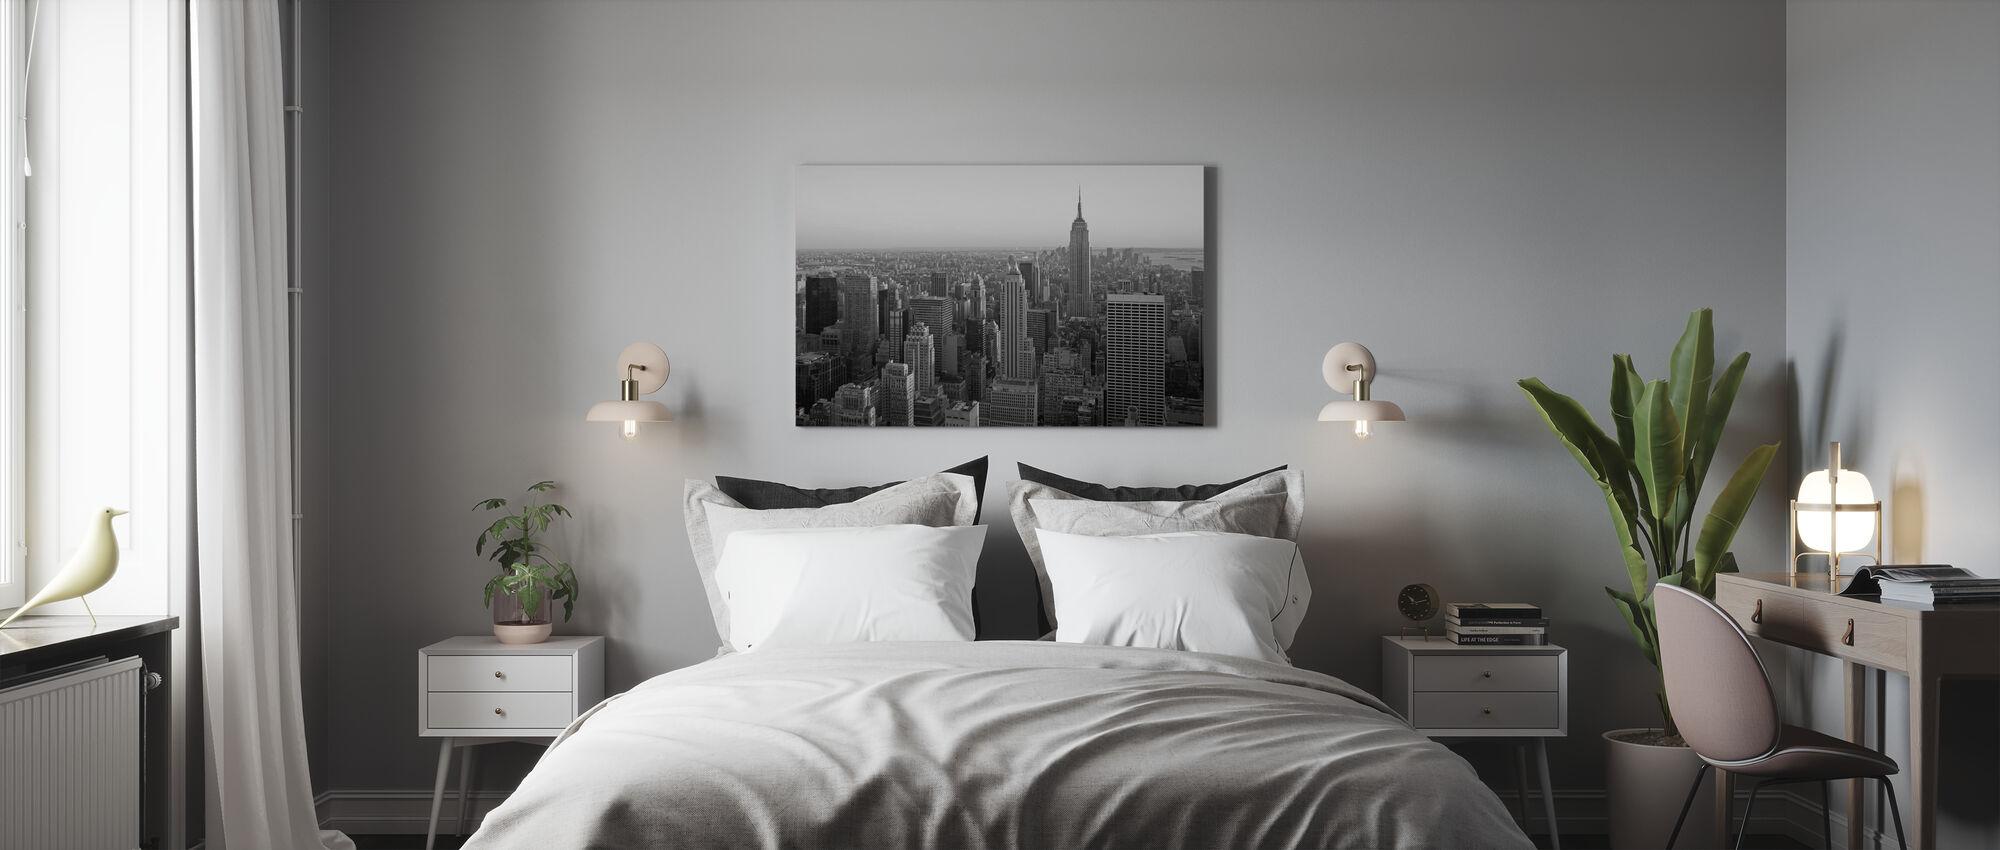 New York City, New York - Canvastavla - Sovrum